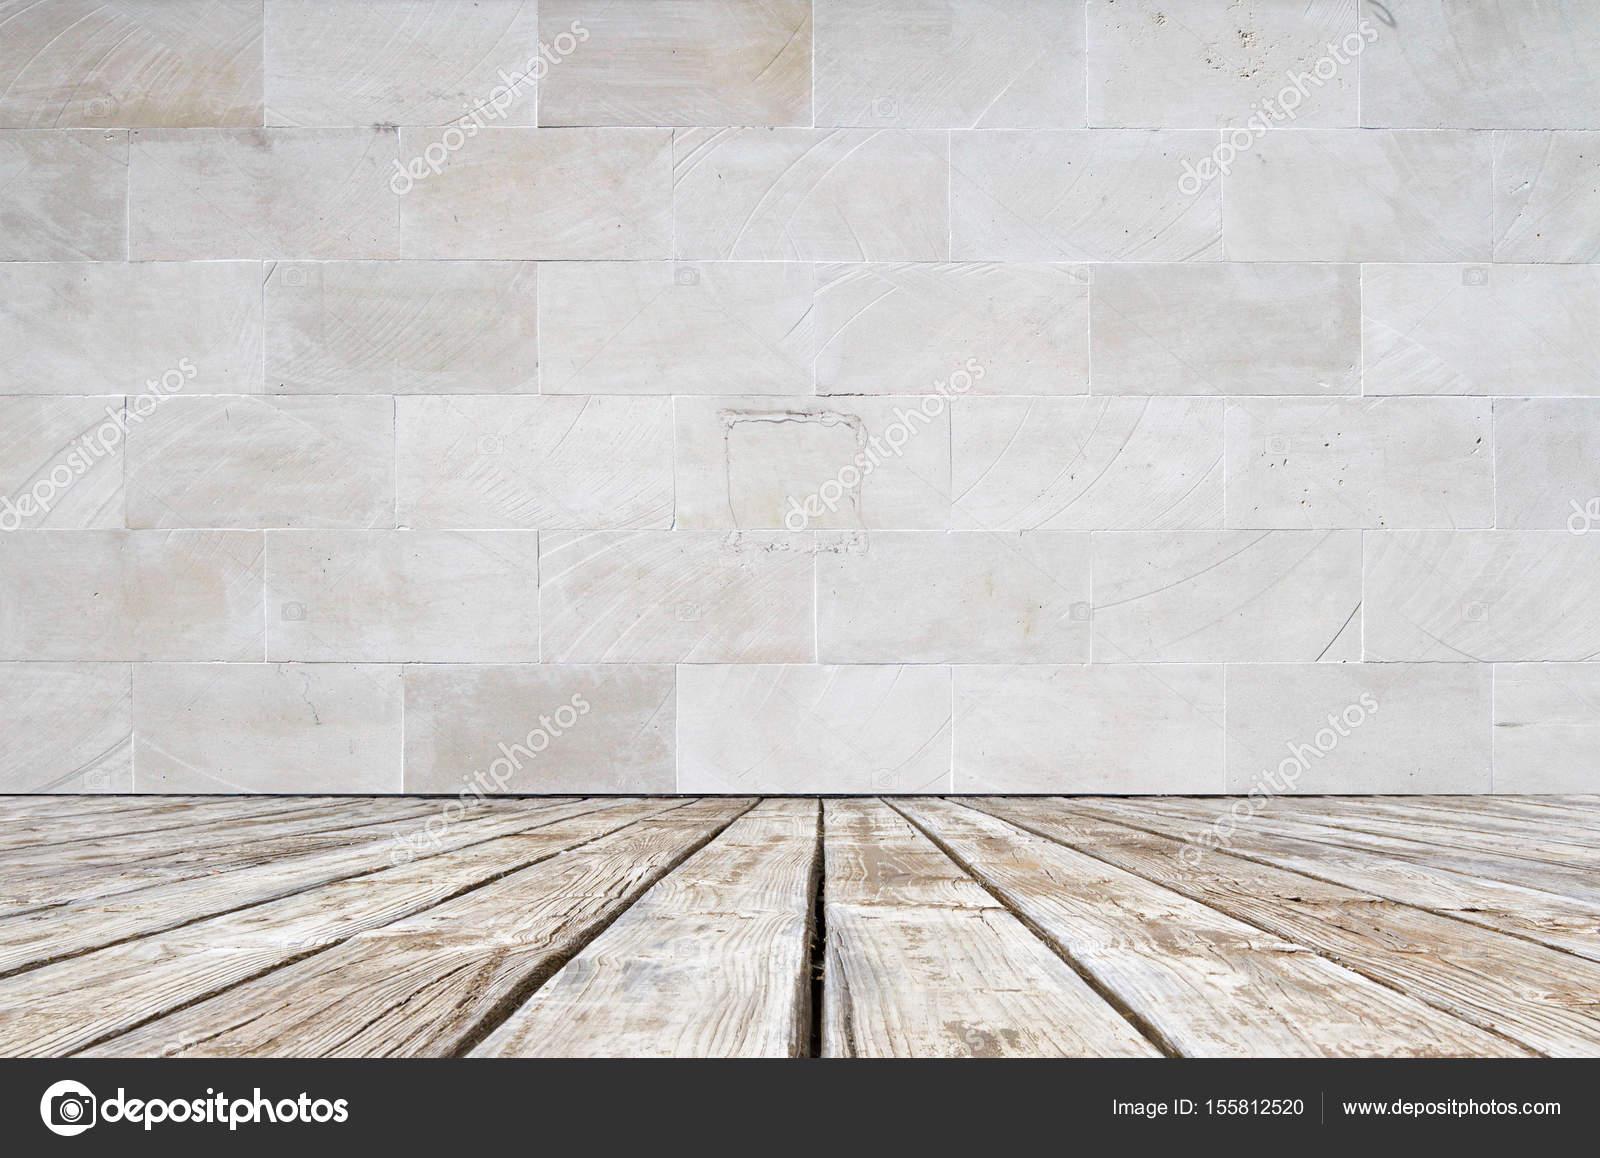 Parete di piastrelle di cemento vuoto u2014 foto stock © peshkov #155812520